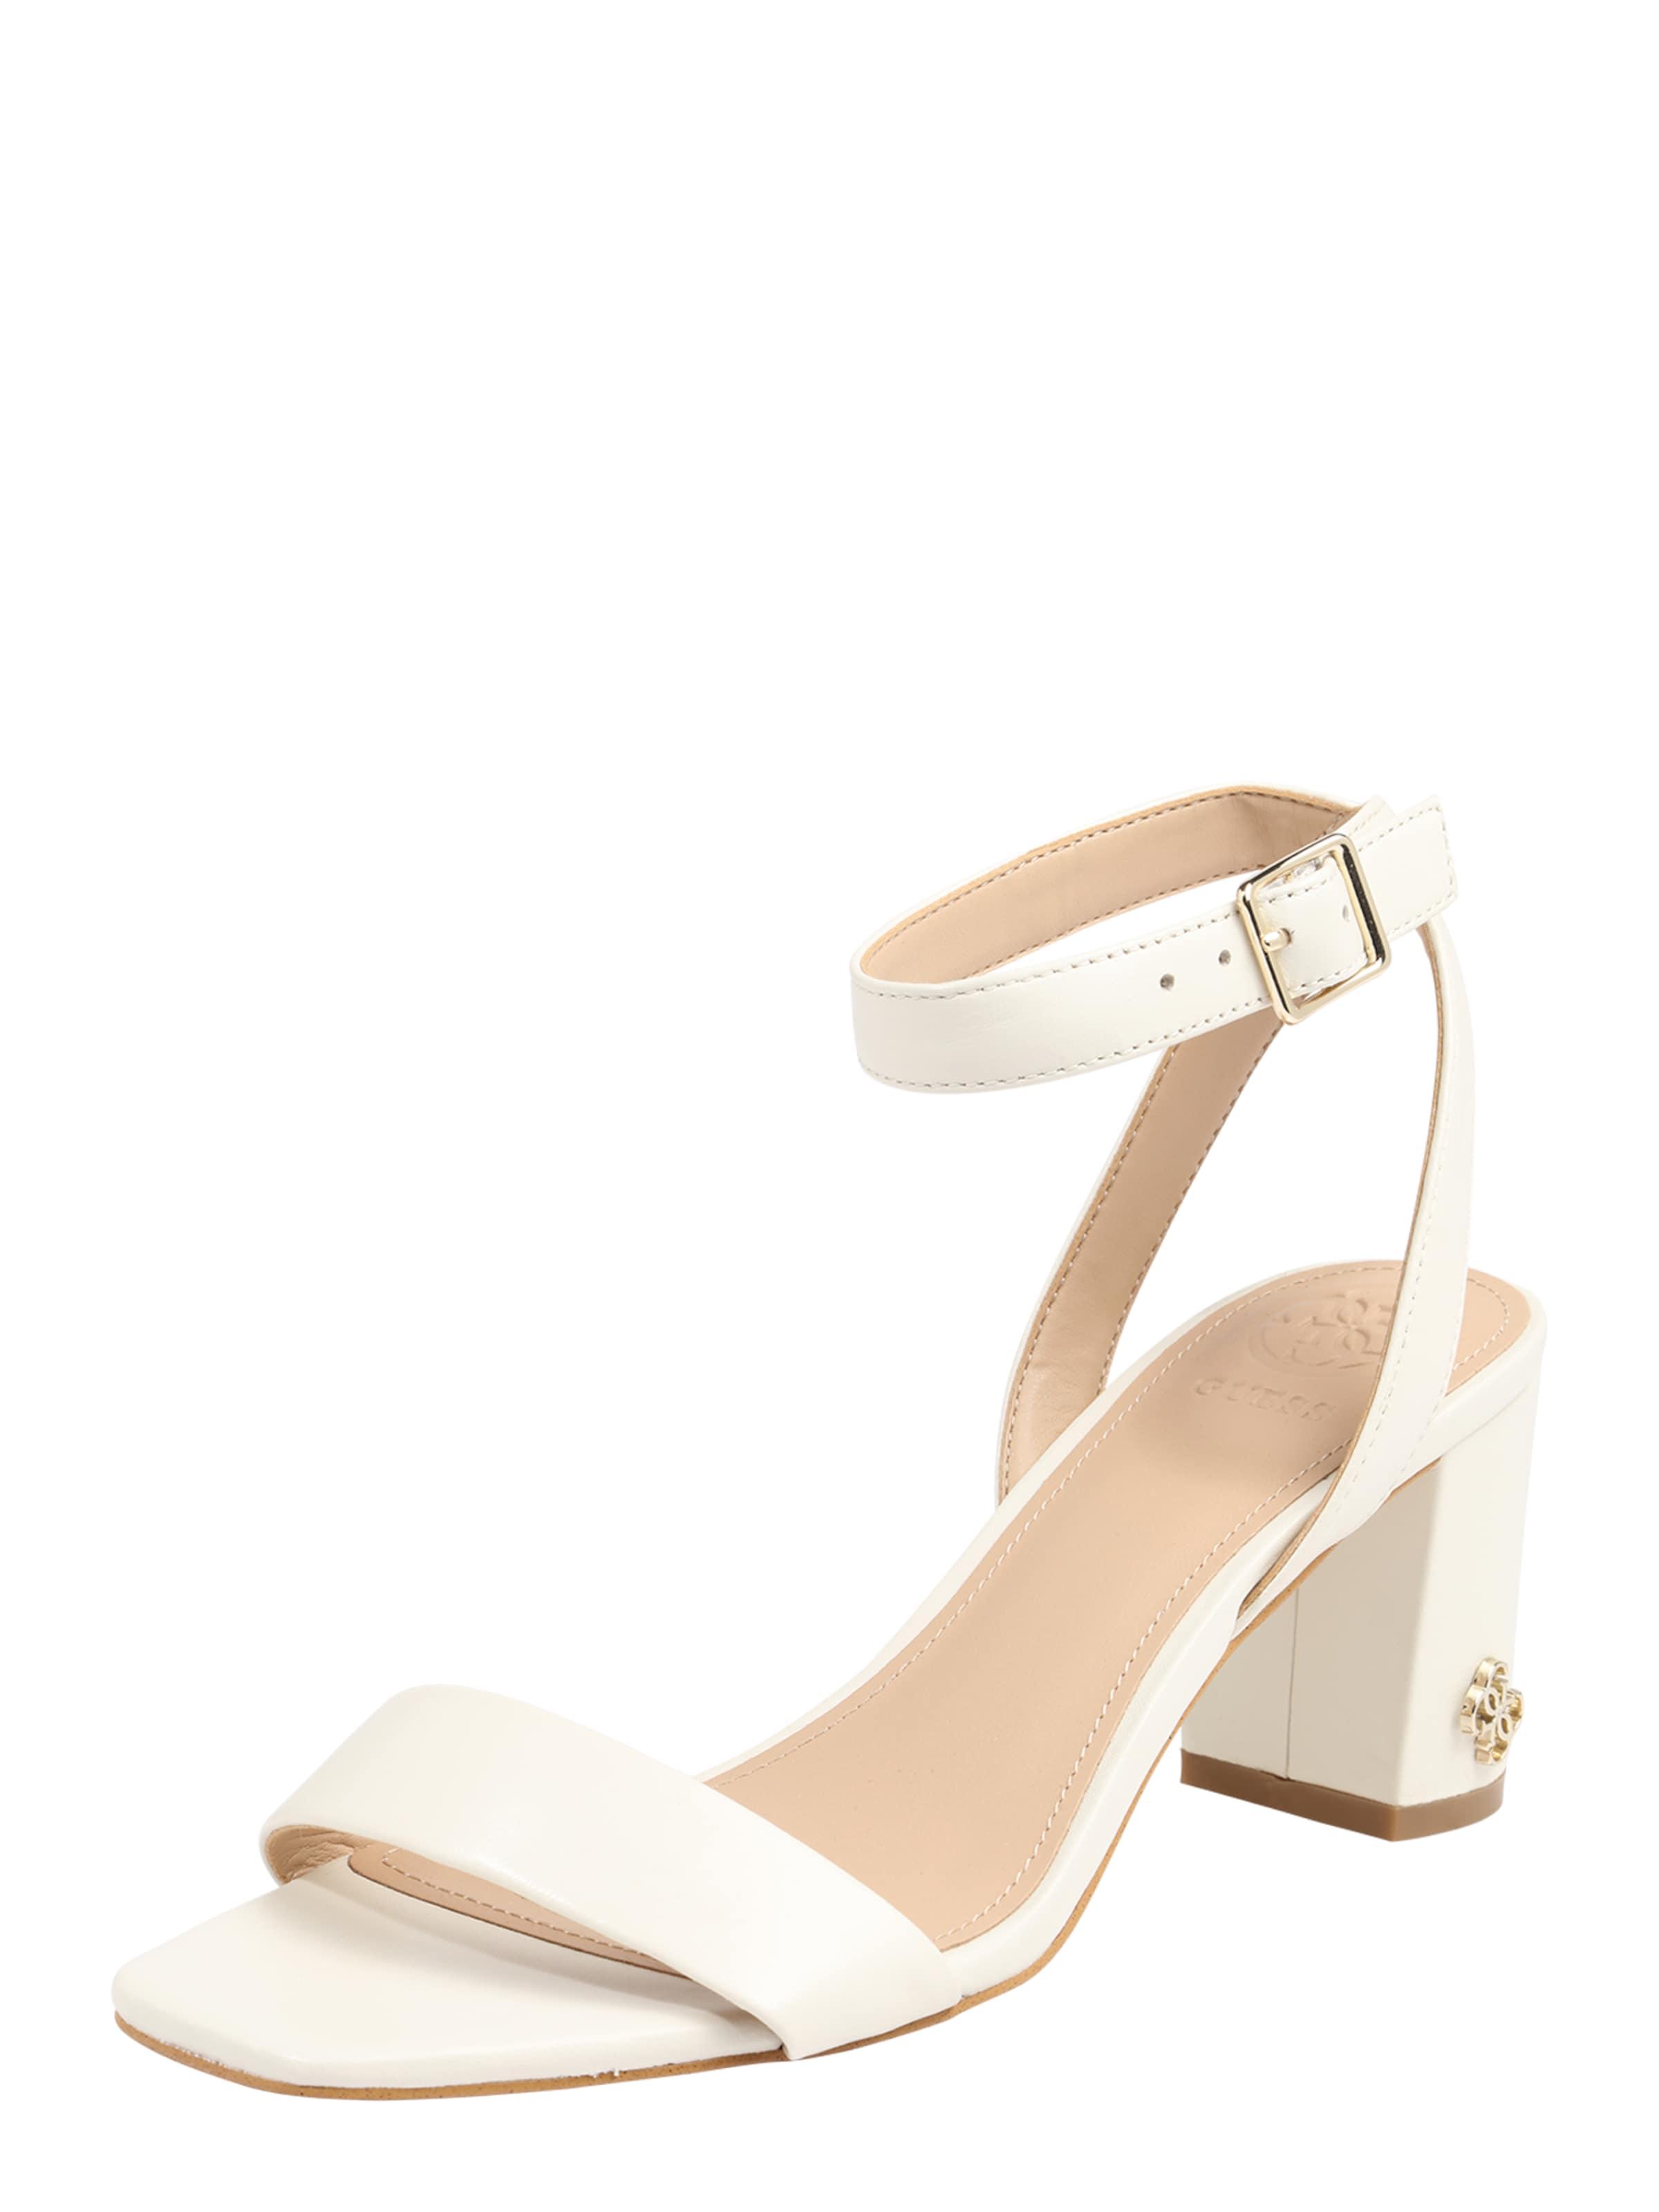 GUESS Sandalette ANNABEL Verschleißfeste billige Schuhe